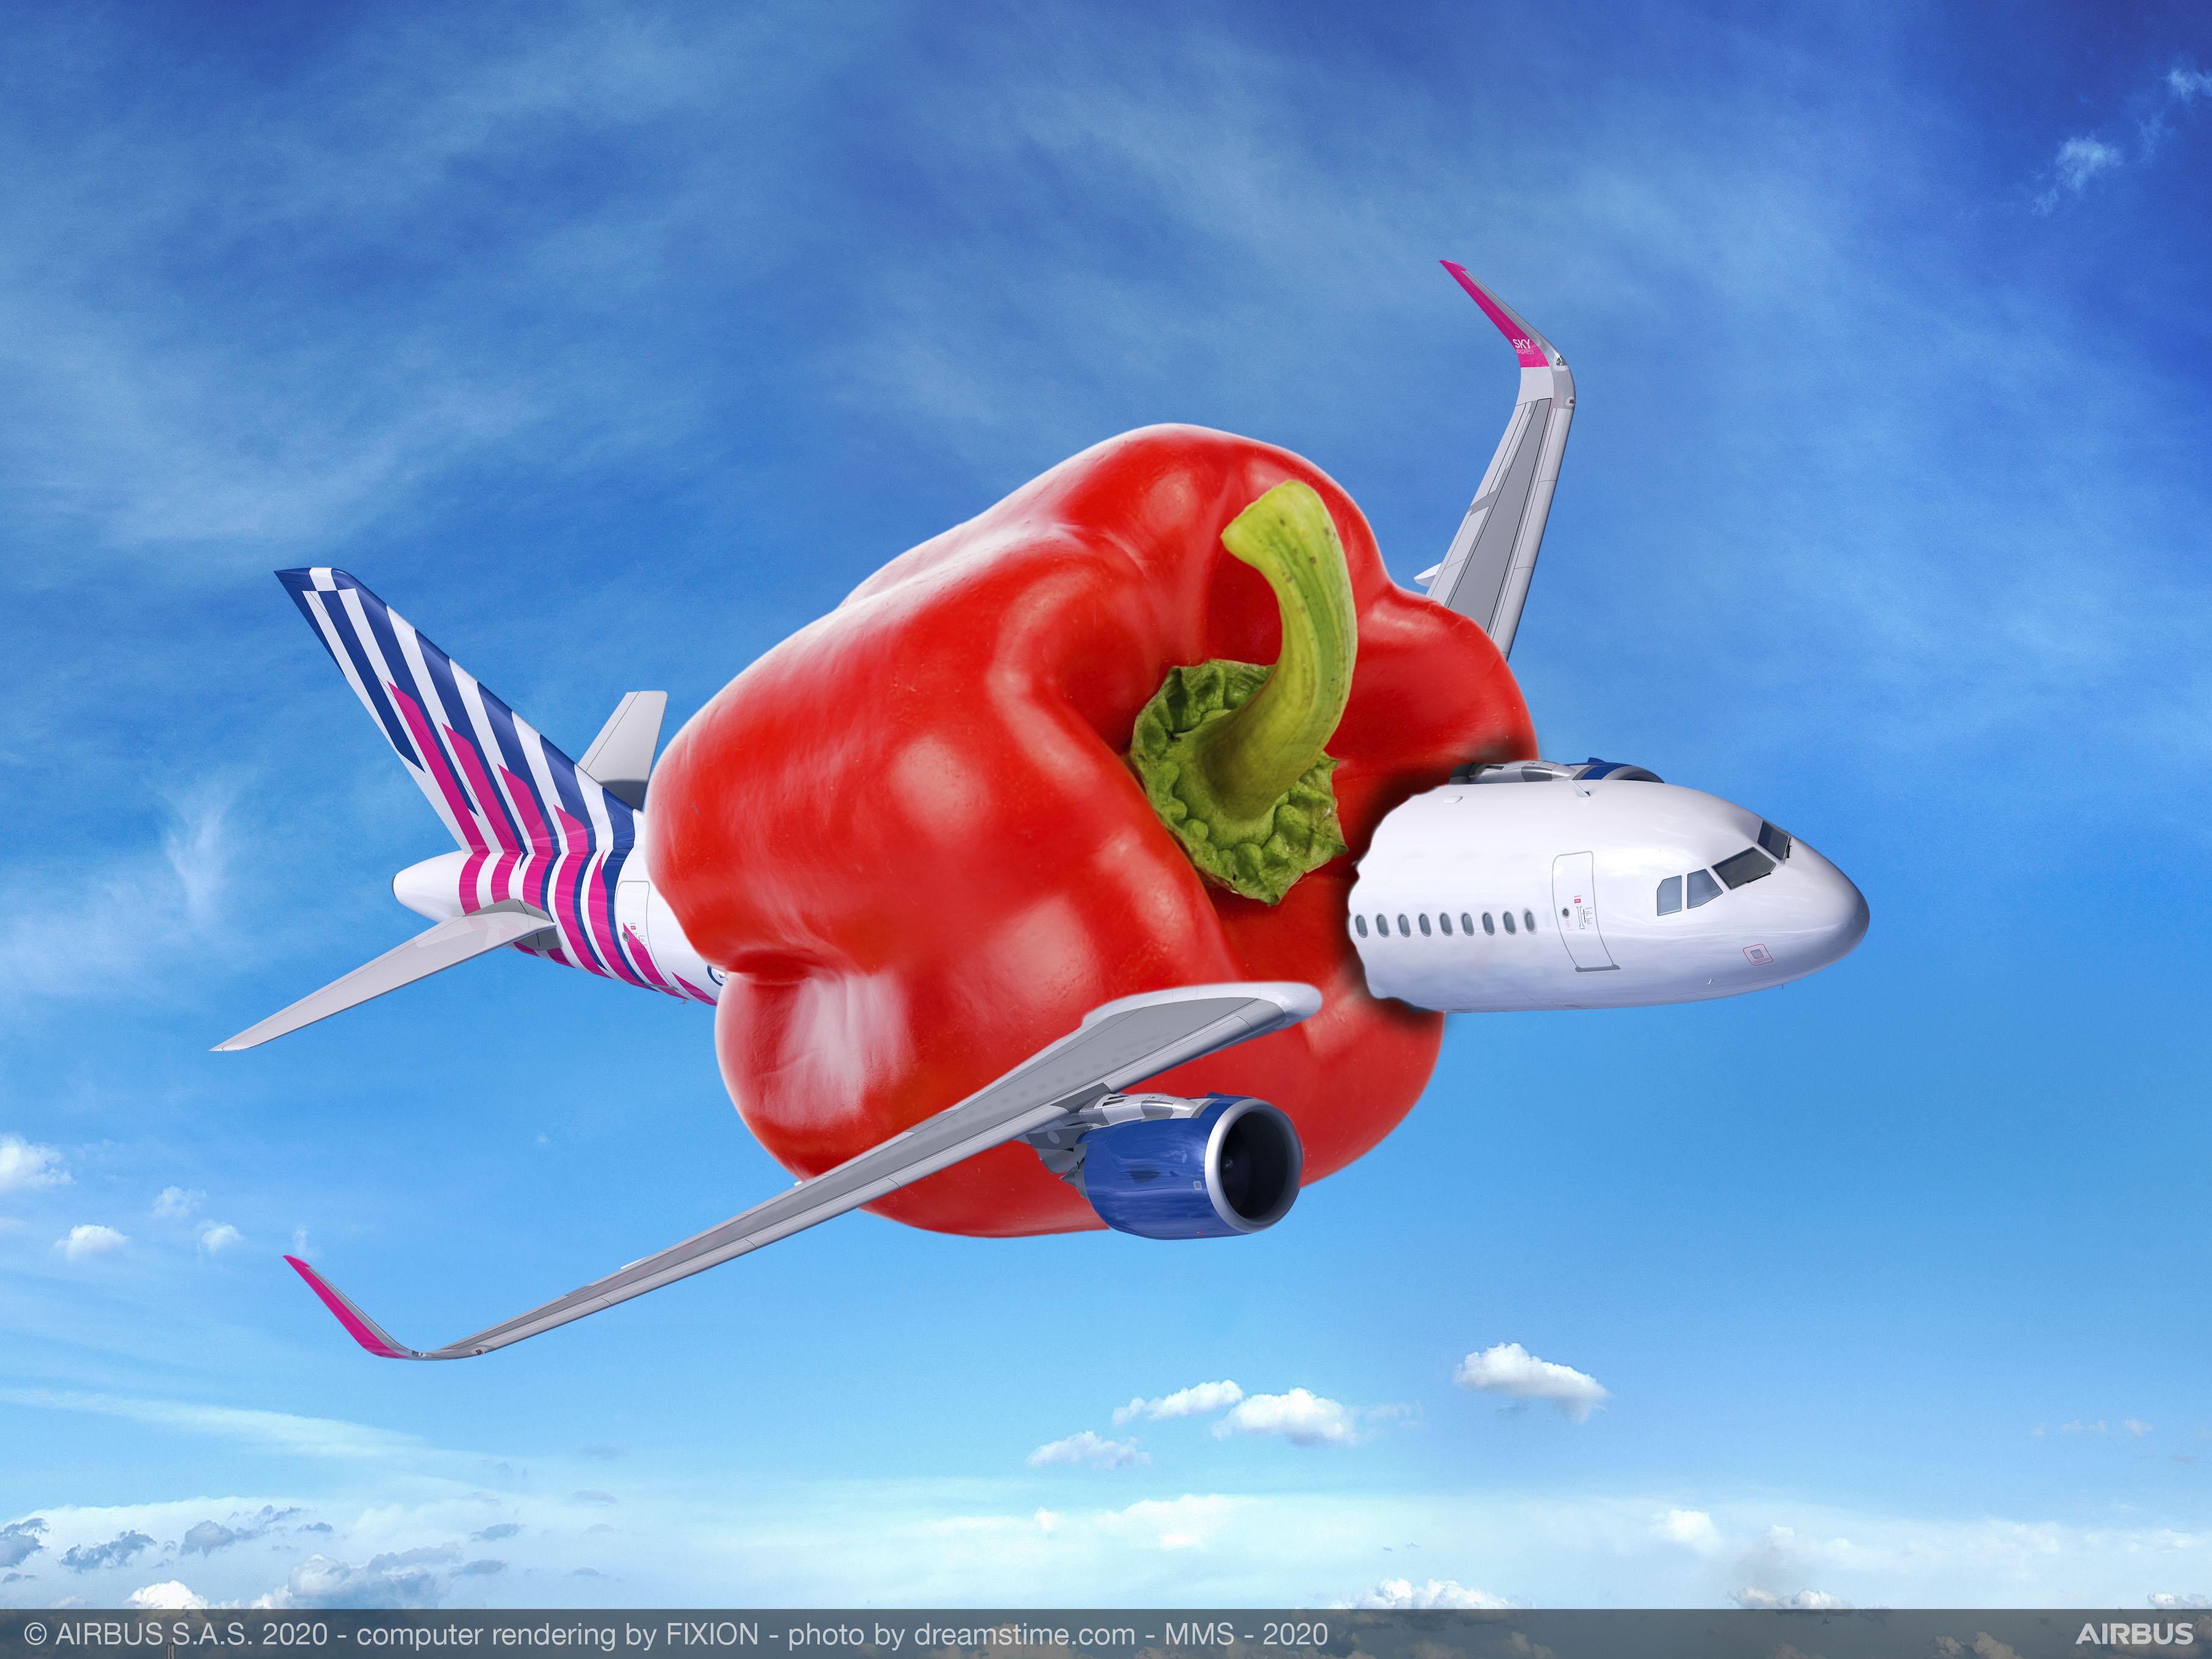 Wie durft in een 'paprikavliegtuig' te stappen? Onderzoek naar toepassing paprikaresten voor vliegtuigen: 'Het materiaal is brandwerend, licht en kan tegen een stootje'